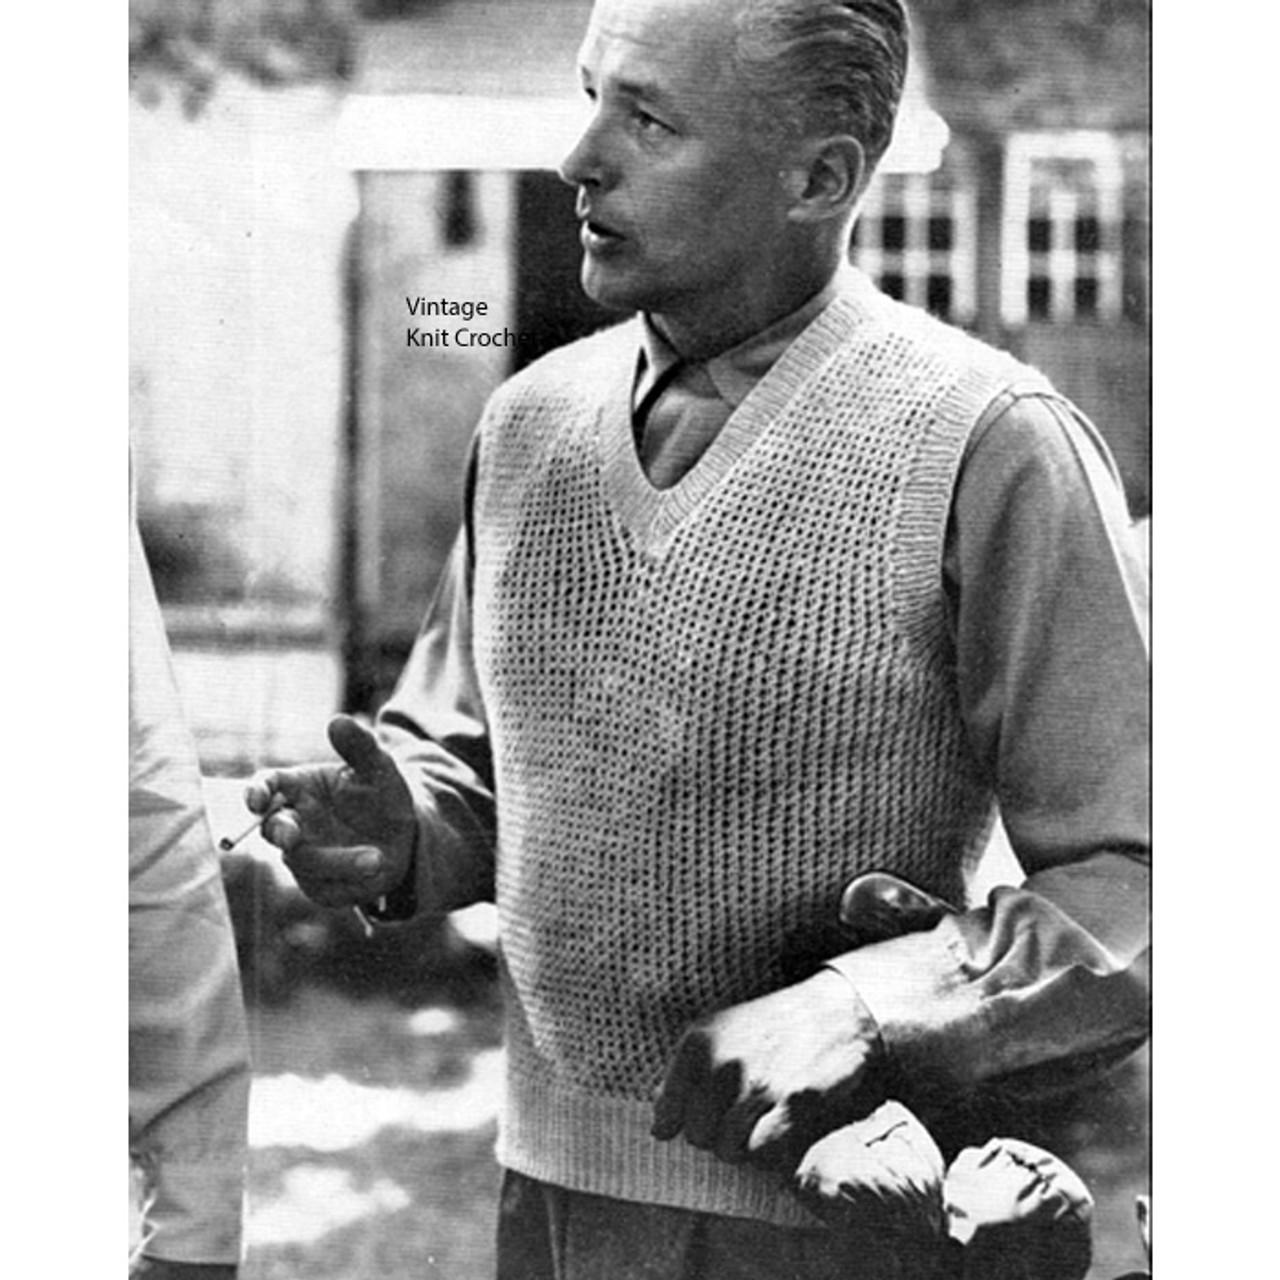 Vintage Pullover Vest Knitting Pattern